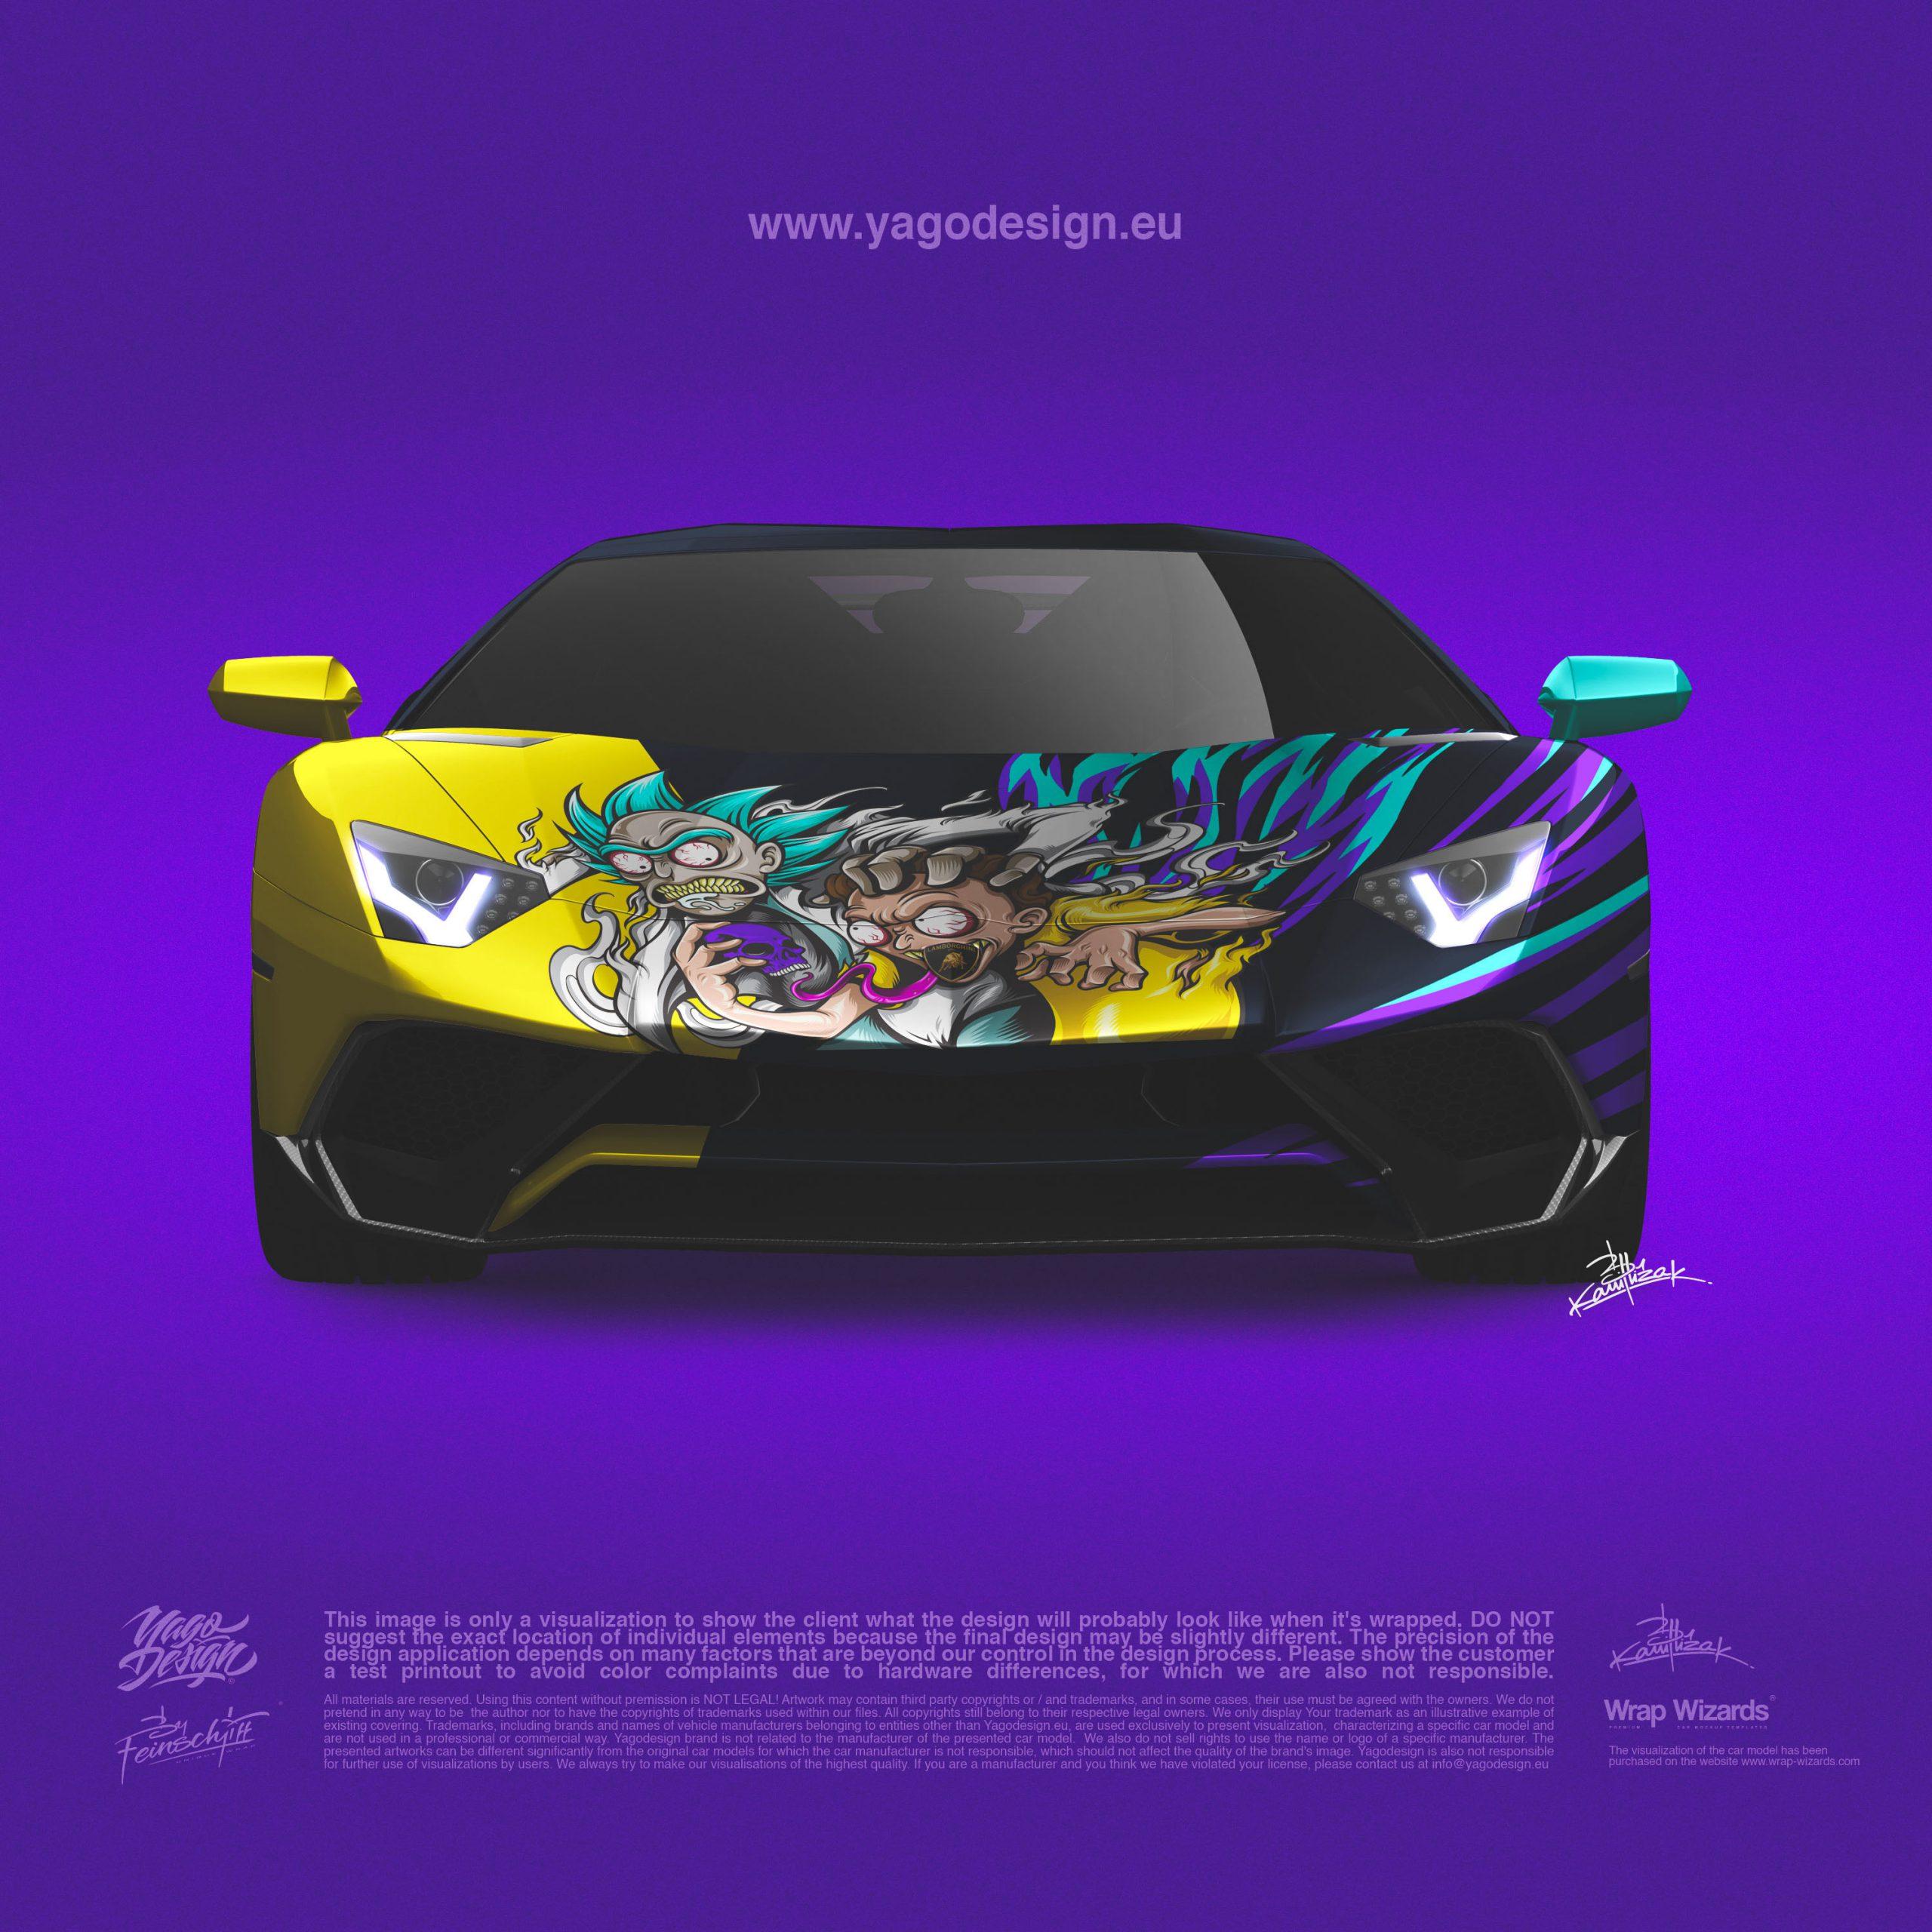 Lamborghini-Aventador-LP750-4-SV-Roadster-2016-fv